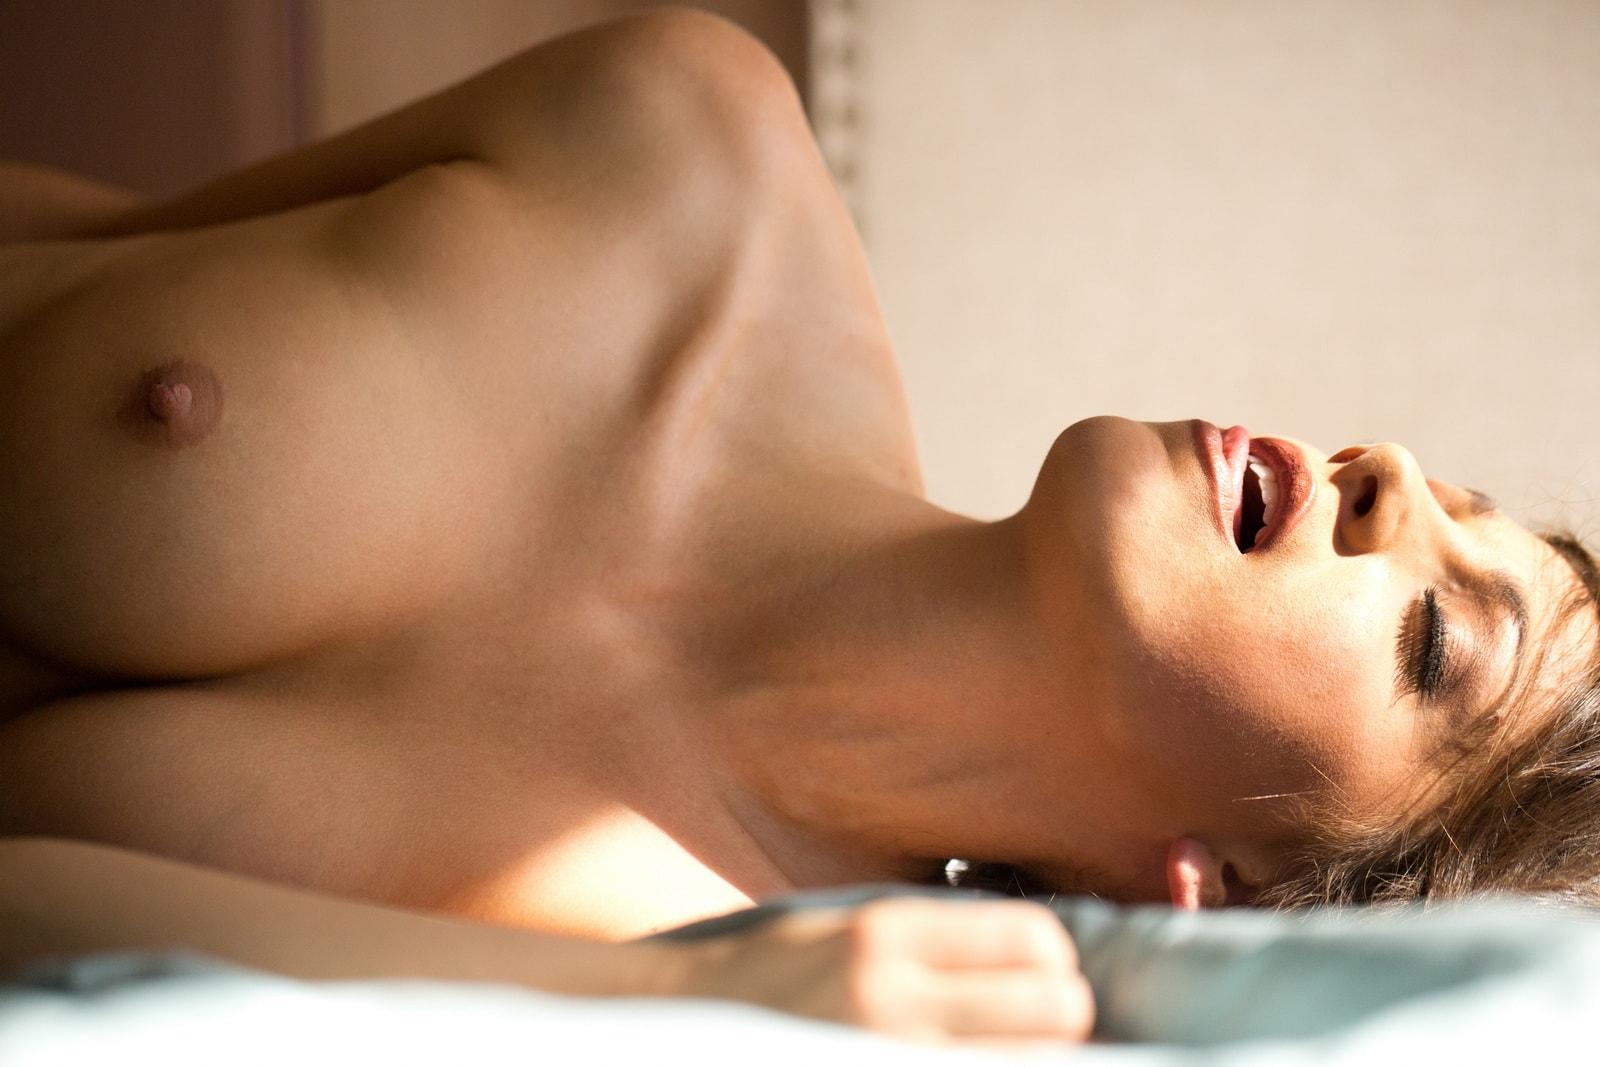 выпадает окна грудь возбужденной девушки мужчины, якобы сами